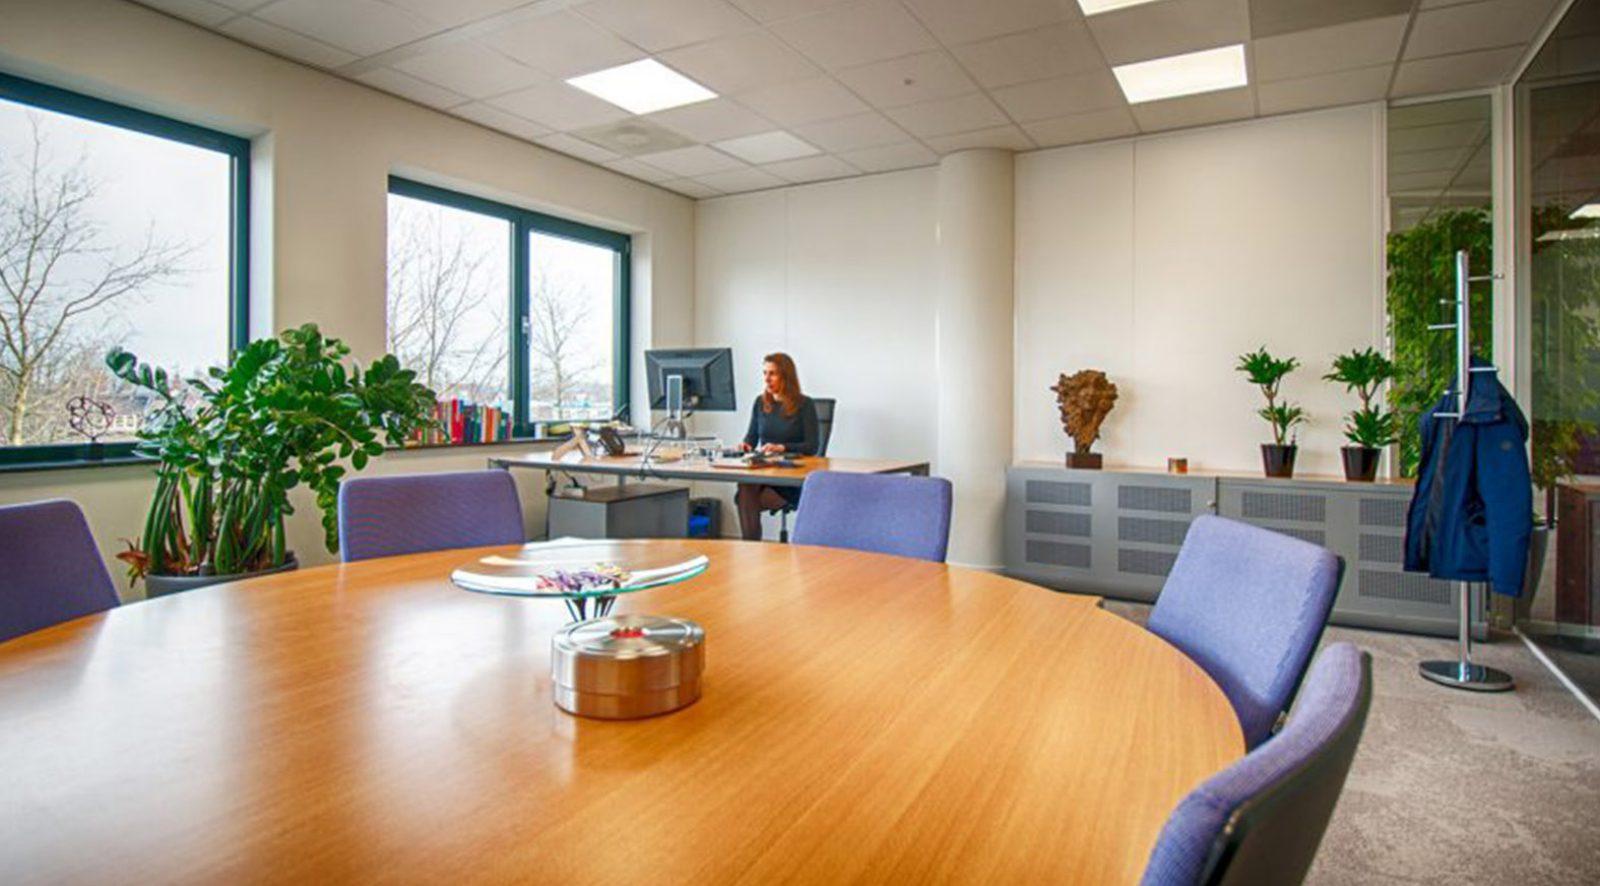 kantoor-ruimte-op-maat-leiden-te-huur-crown-business-center